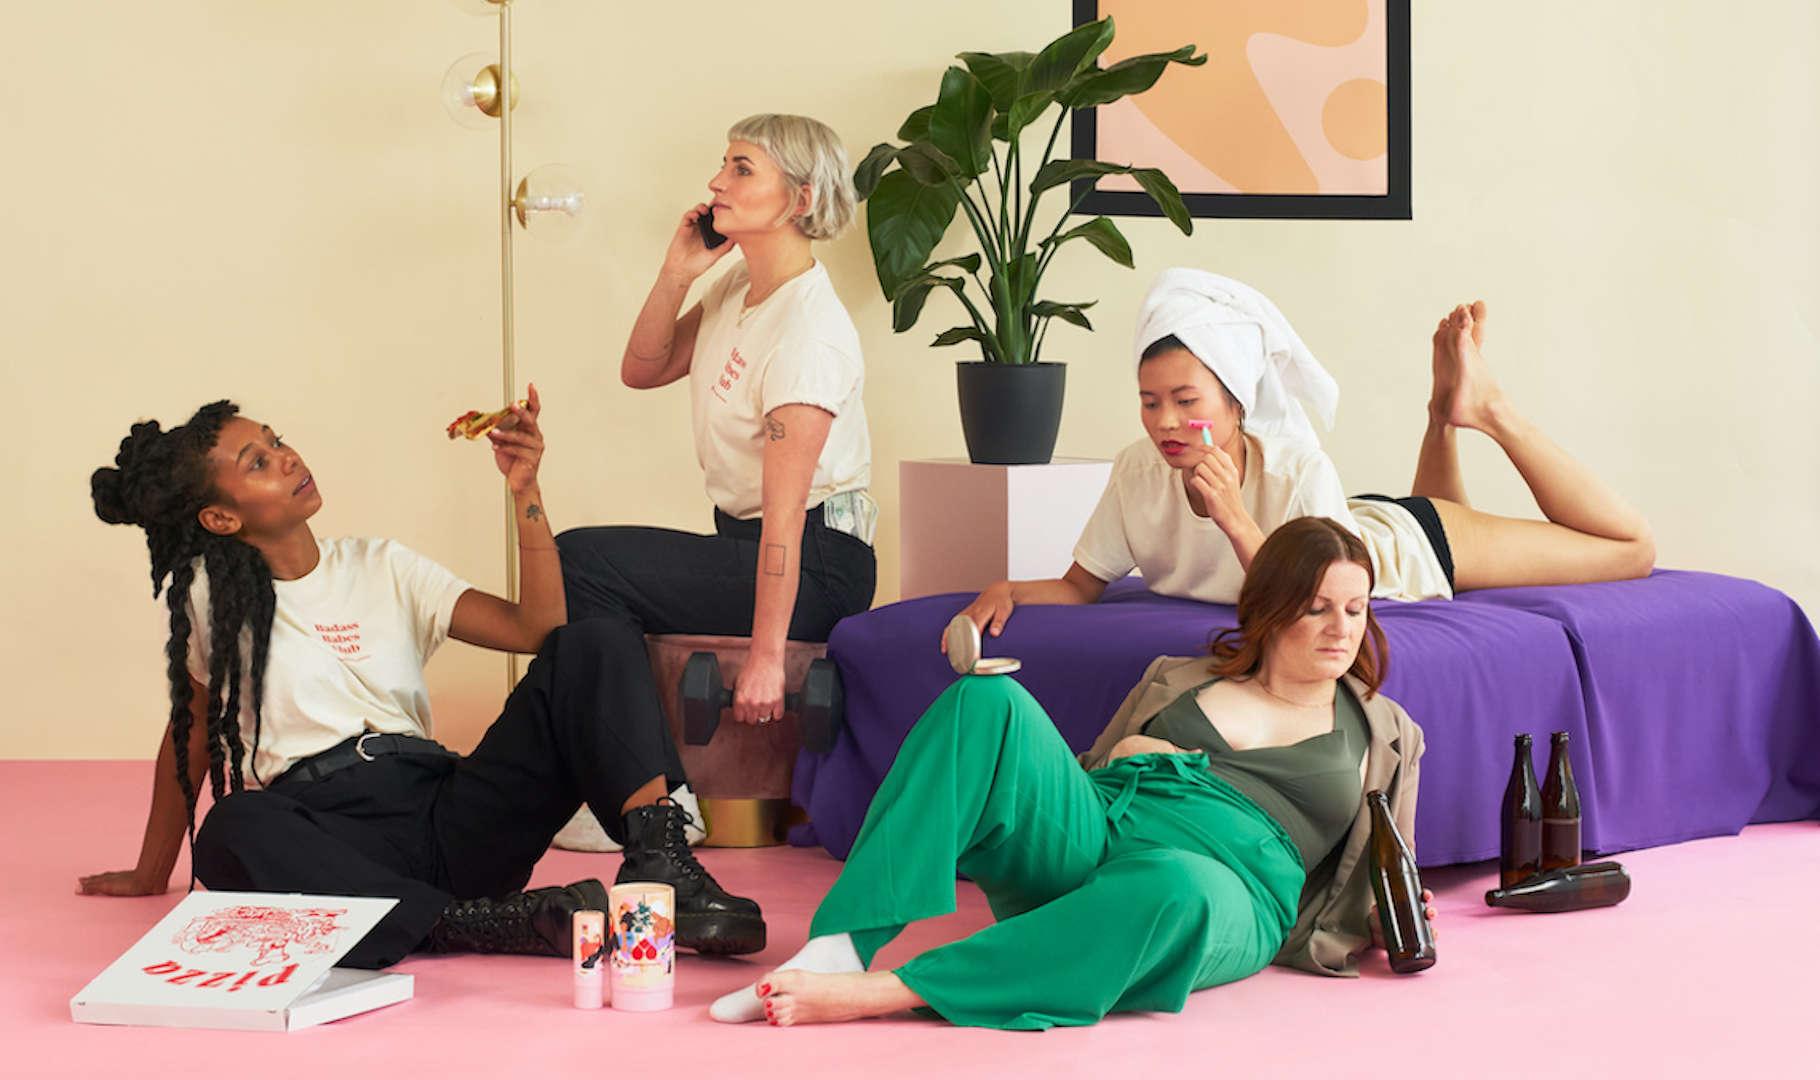 Vier Frauen die sich an typische Männerklischees bedienen